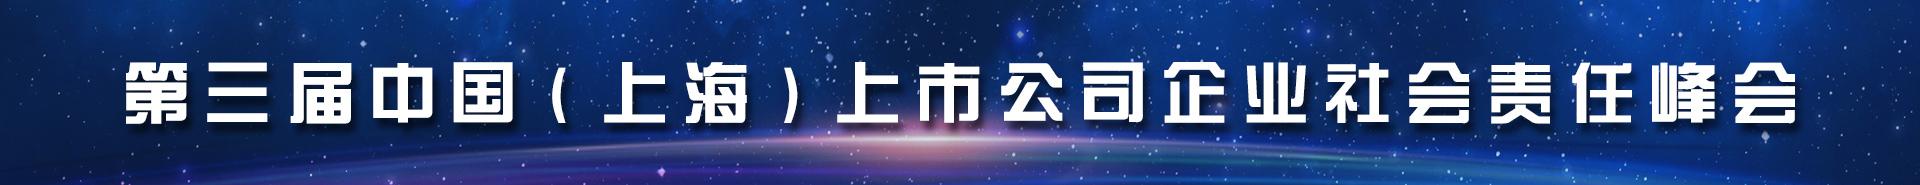 第三届中国(上海)上市公司企业社会责任峰会